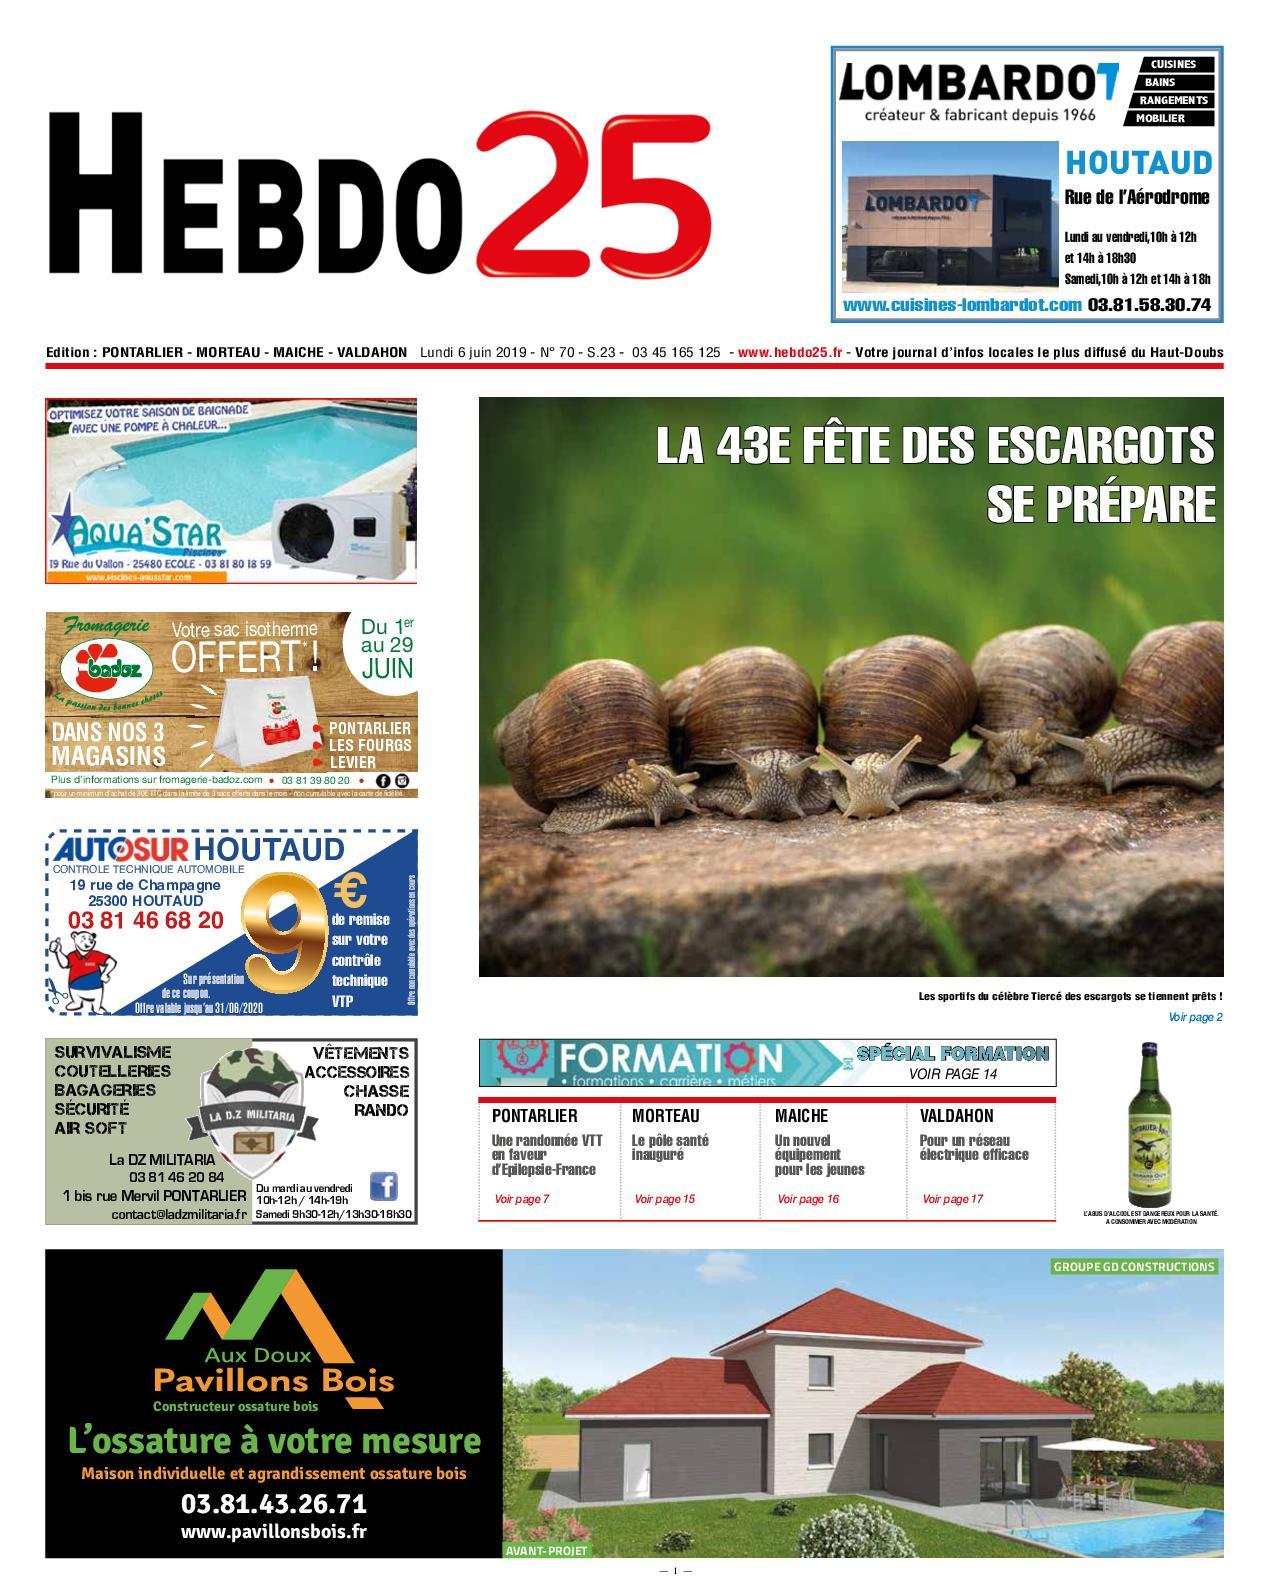 Salon Jardin Fer forgé Luxe Calaméo Hebdo Pontarlier 2019 Semaine 23 Of 37 Inspirant Salon Jardin Fer forgé